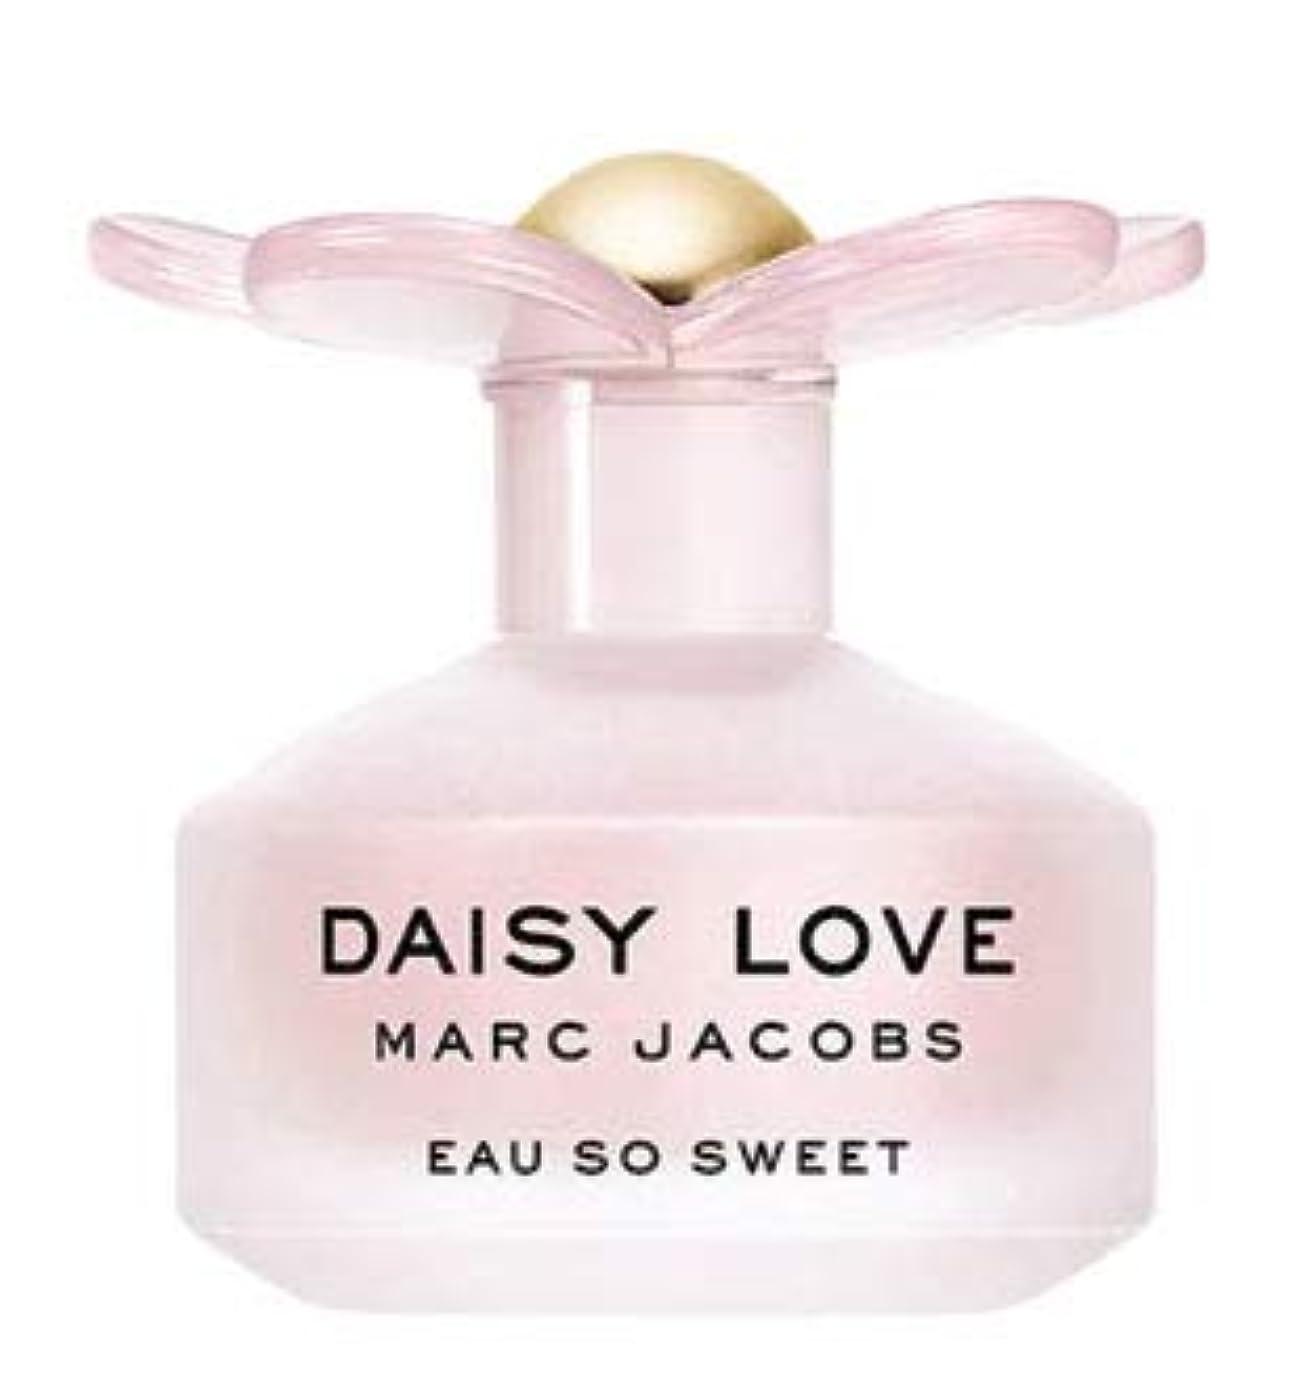 無駄な意義修理工MARC JACOBS, Daisy Love Eau So Sweet - 5 mL [海外直送品] [並行輸入品]